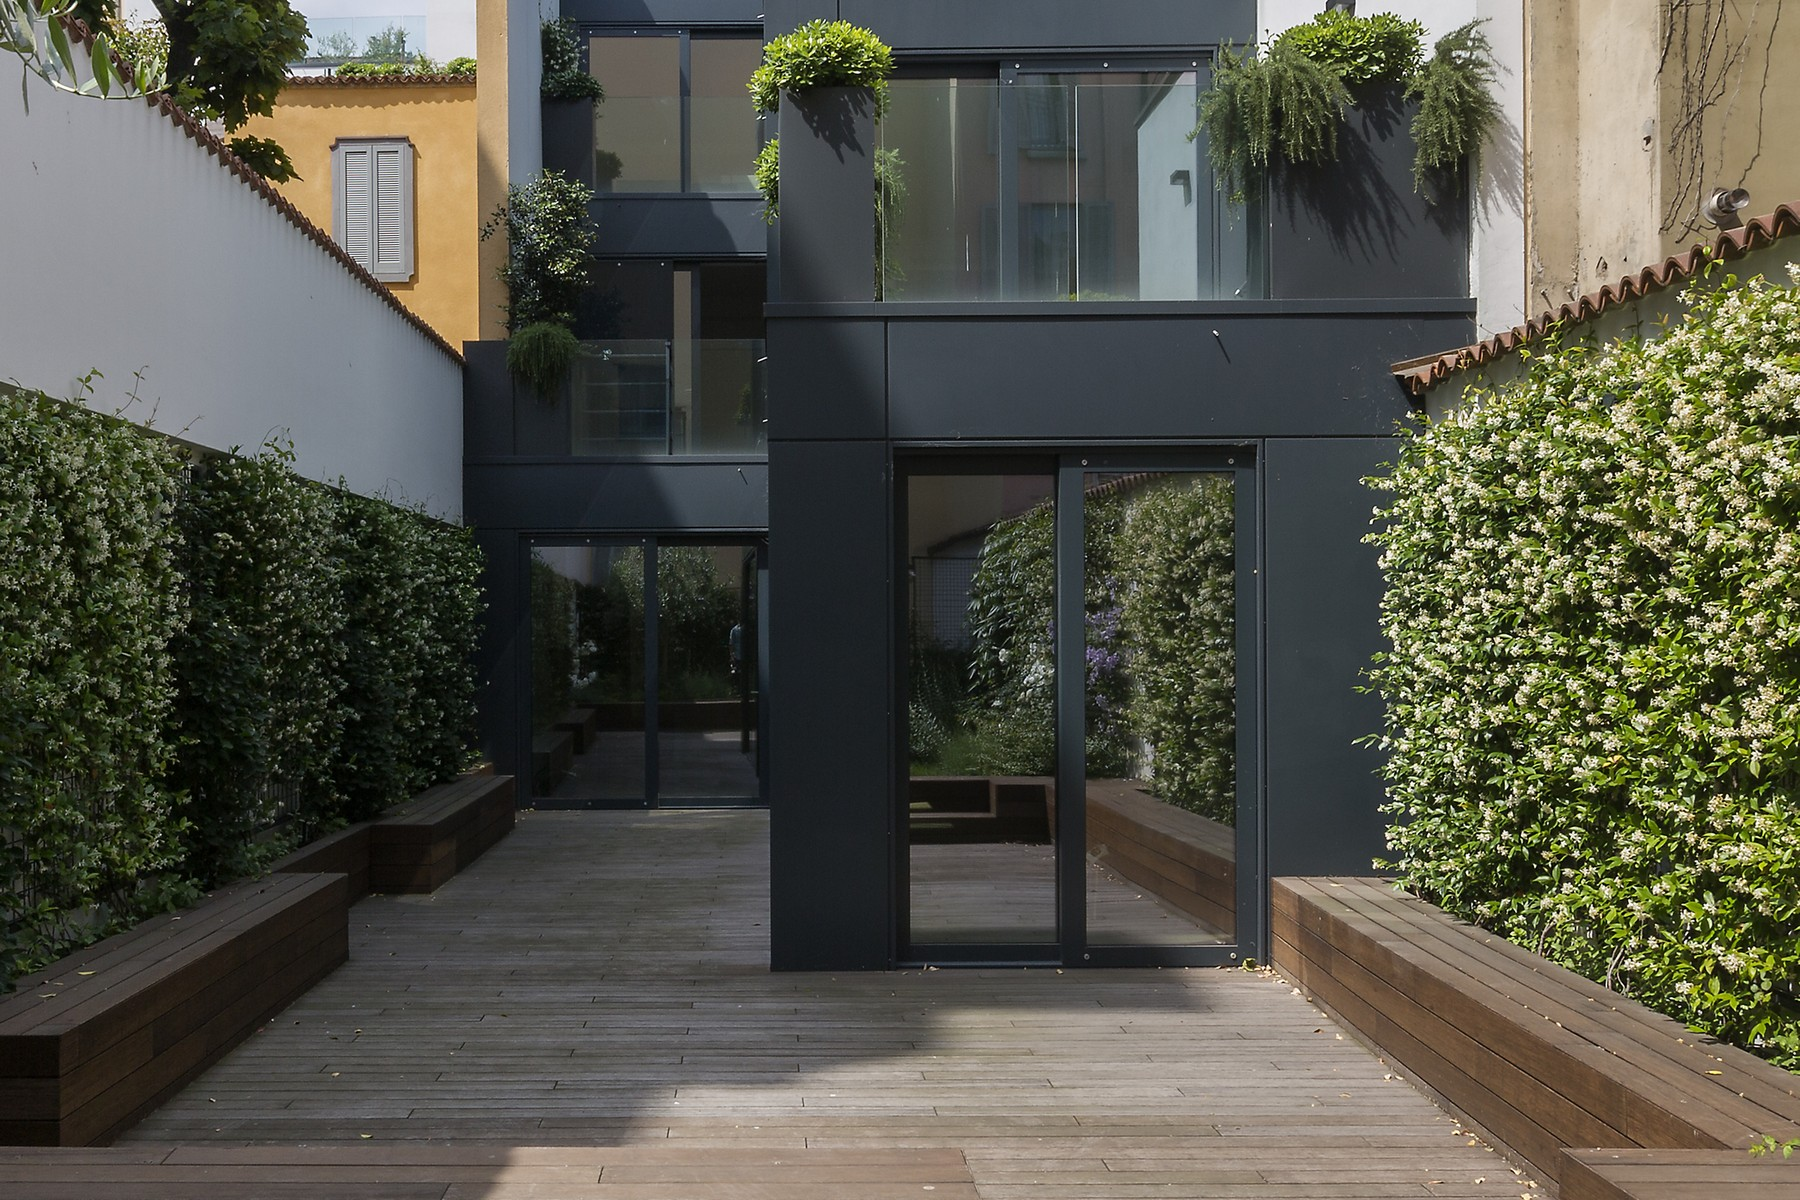 Villa in Vendita a Milano 02 Brera / Volta / Repubblica: 5 locali, 600 mq